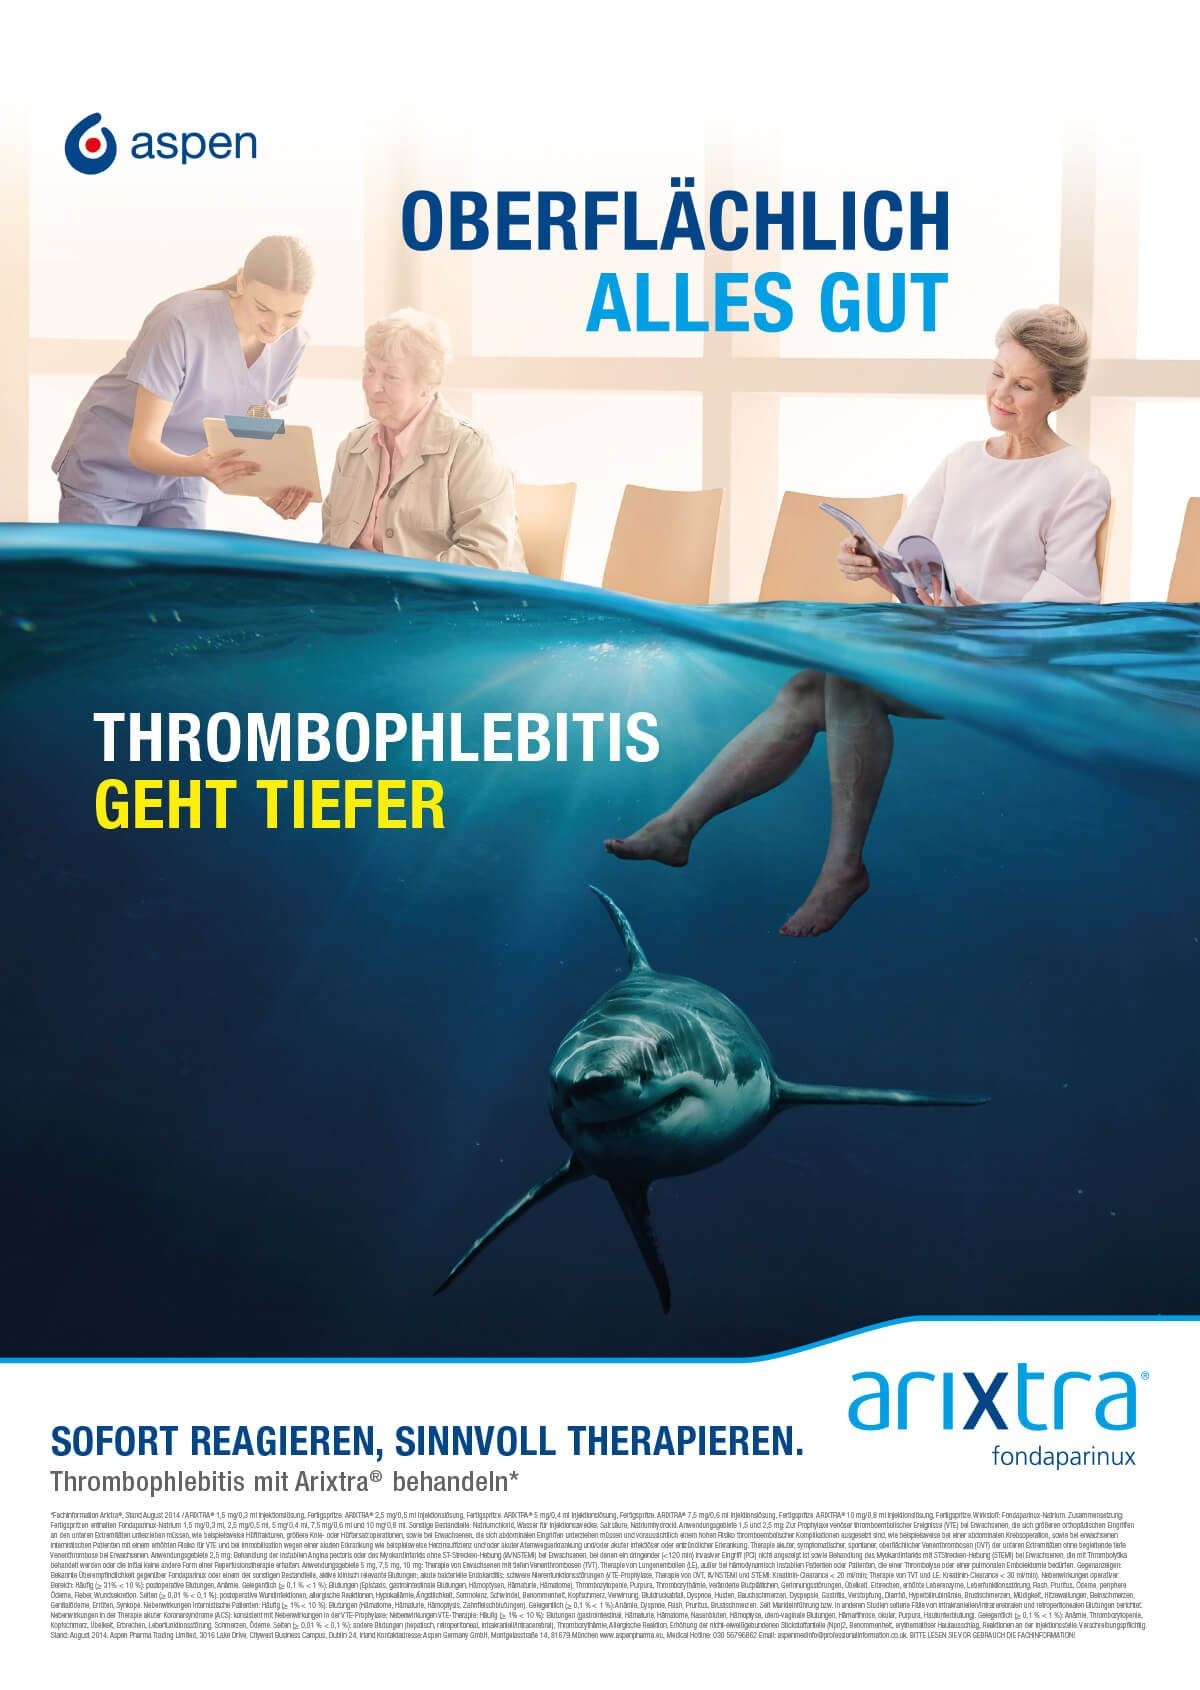 Anzeige für das Medikament Arixtra von Aspen